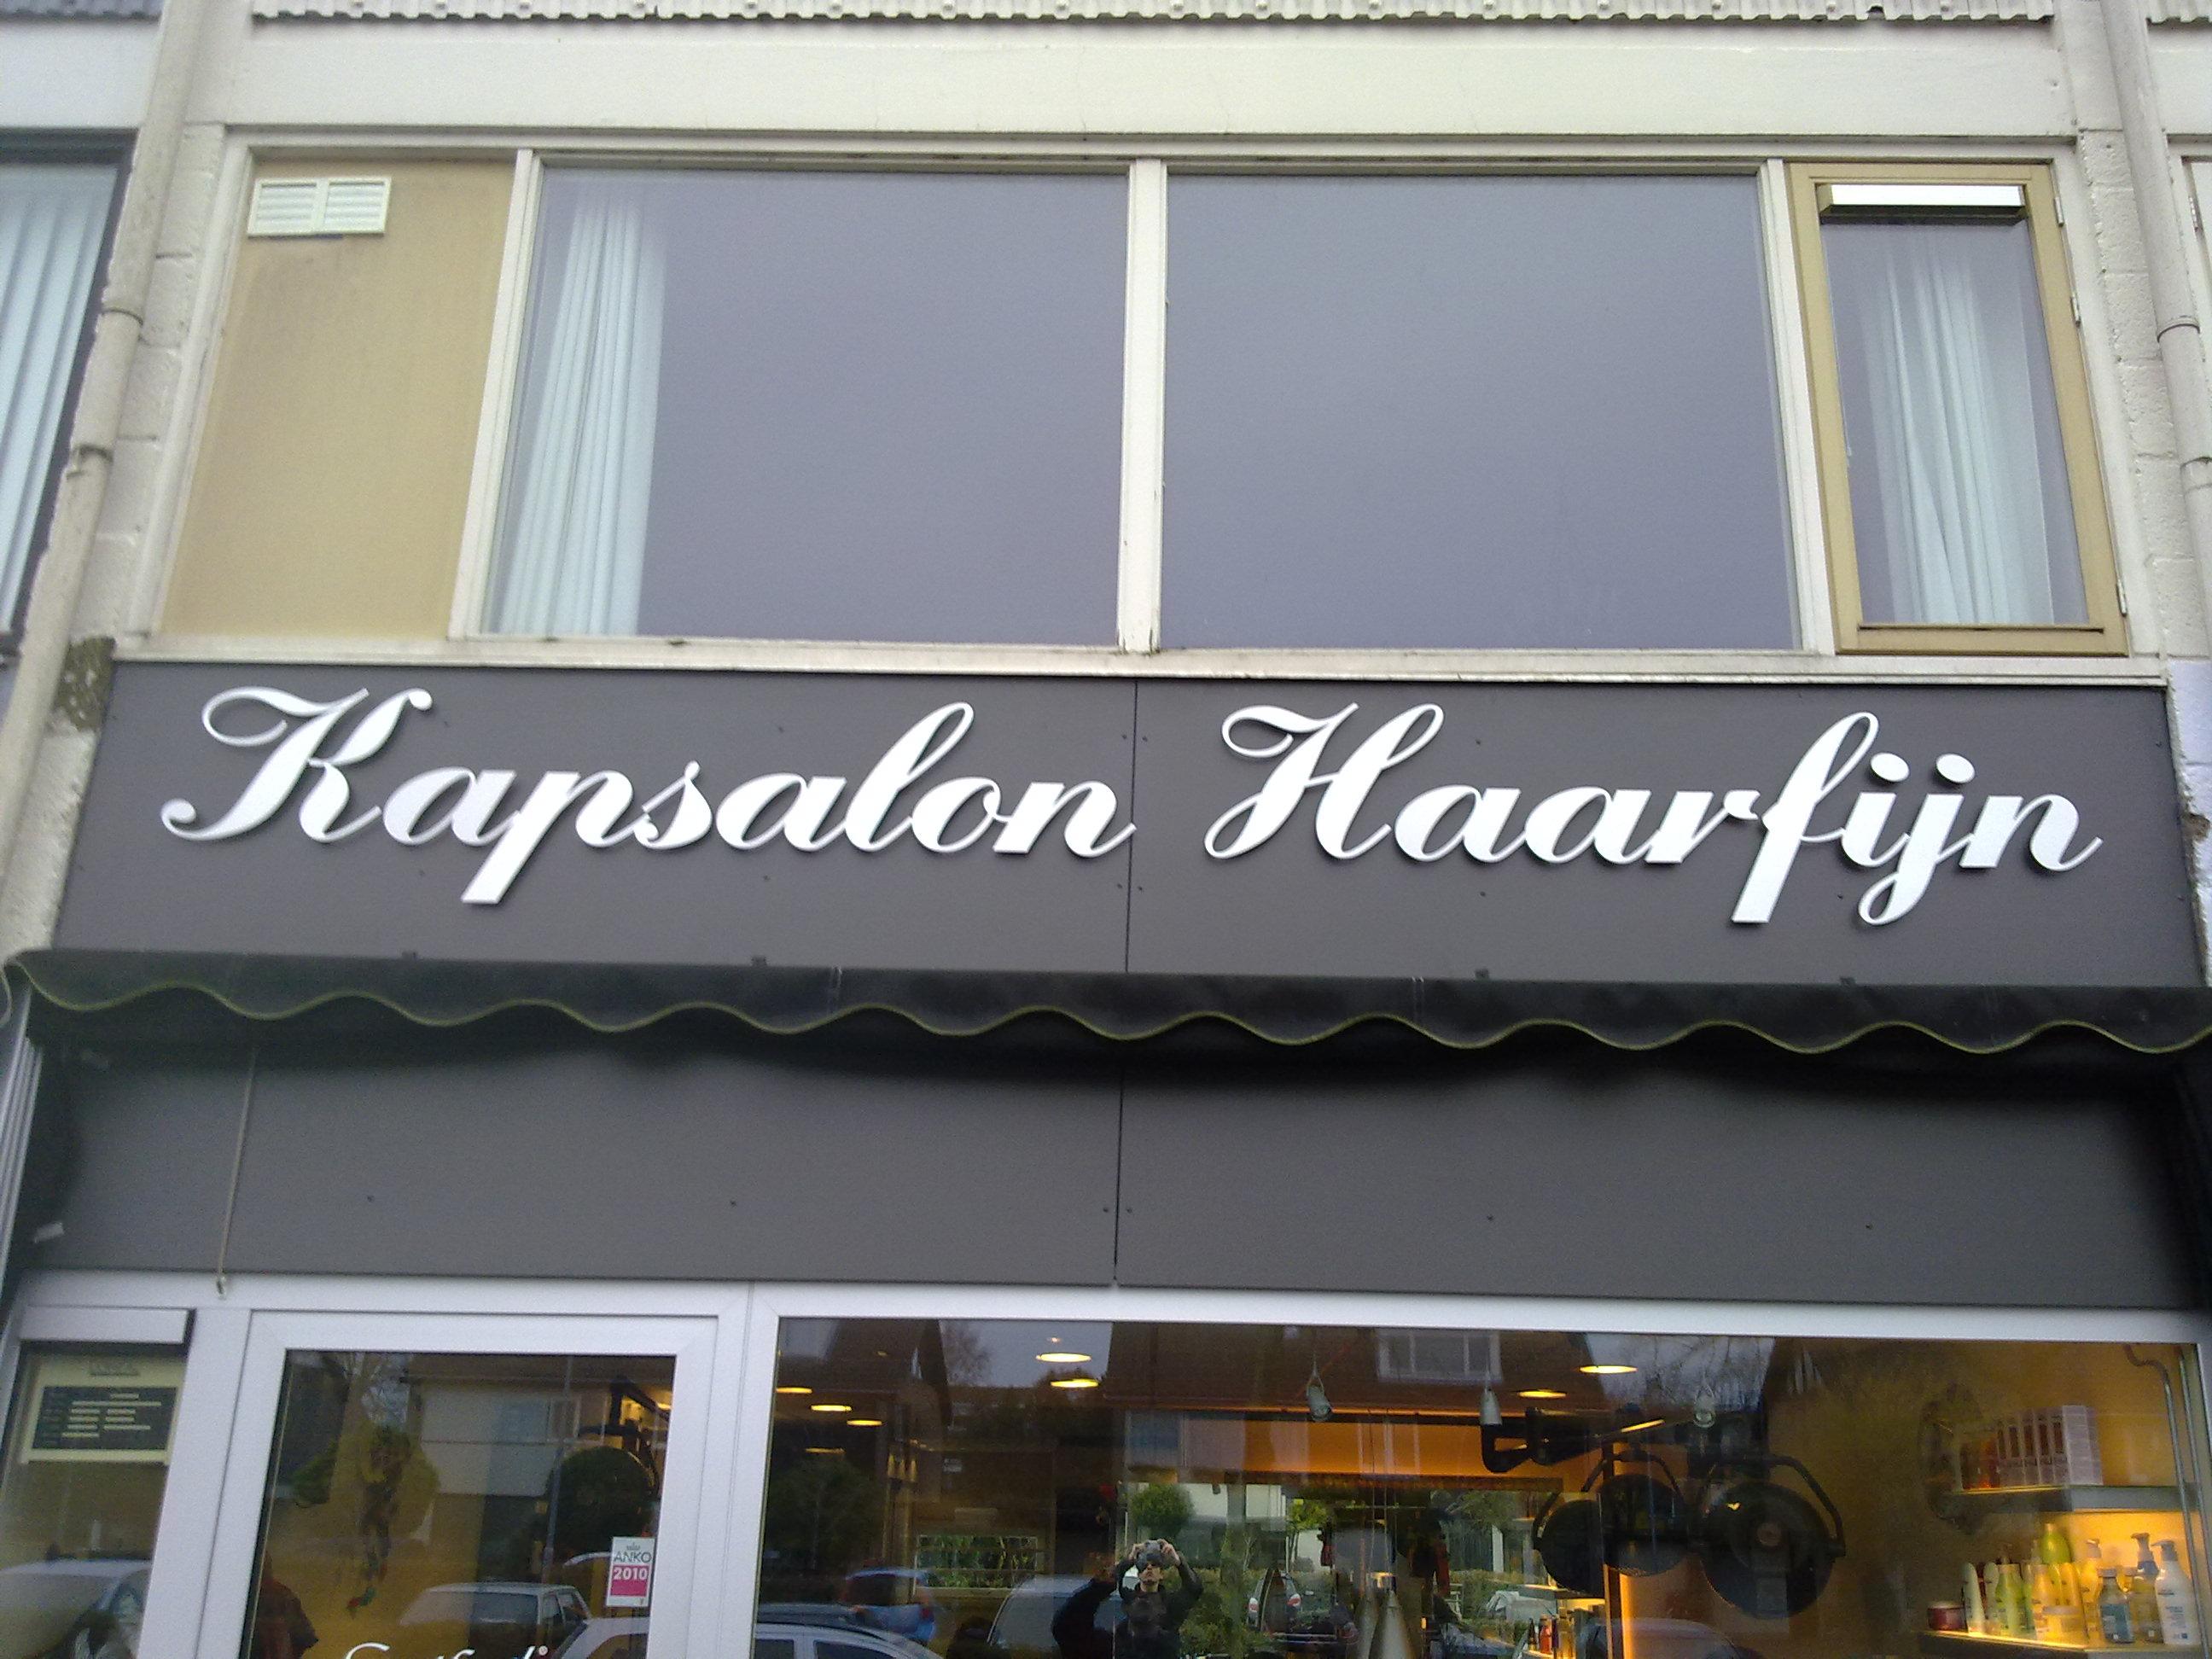 Kapsalon Haarfijn